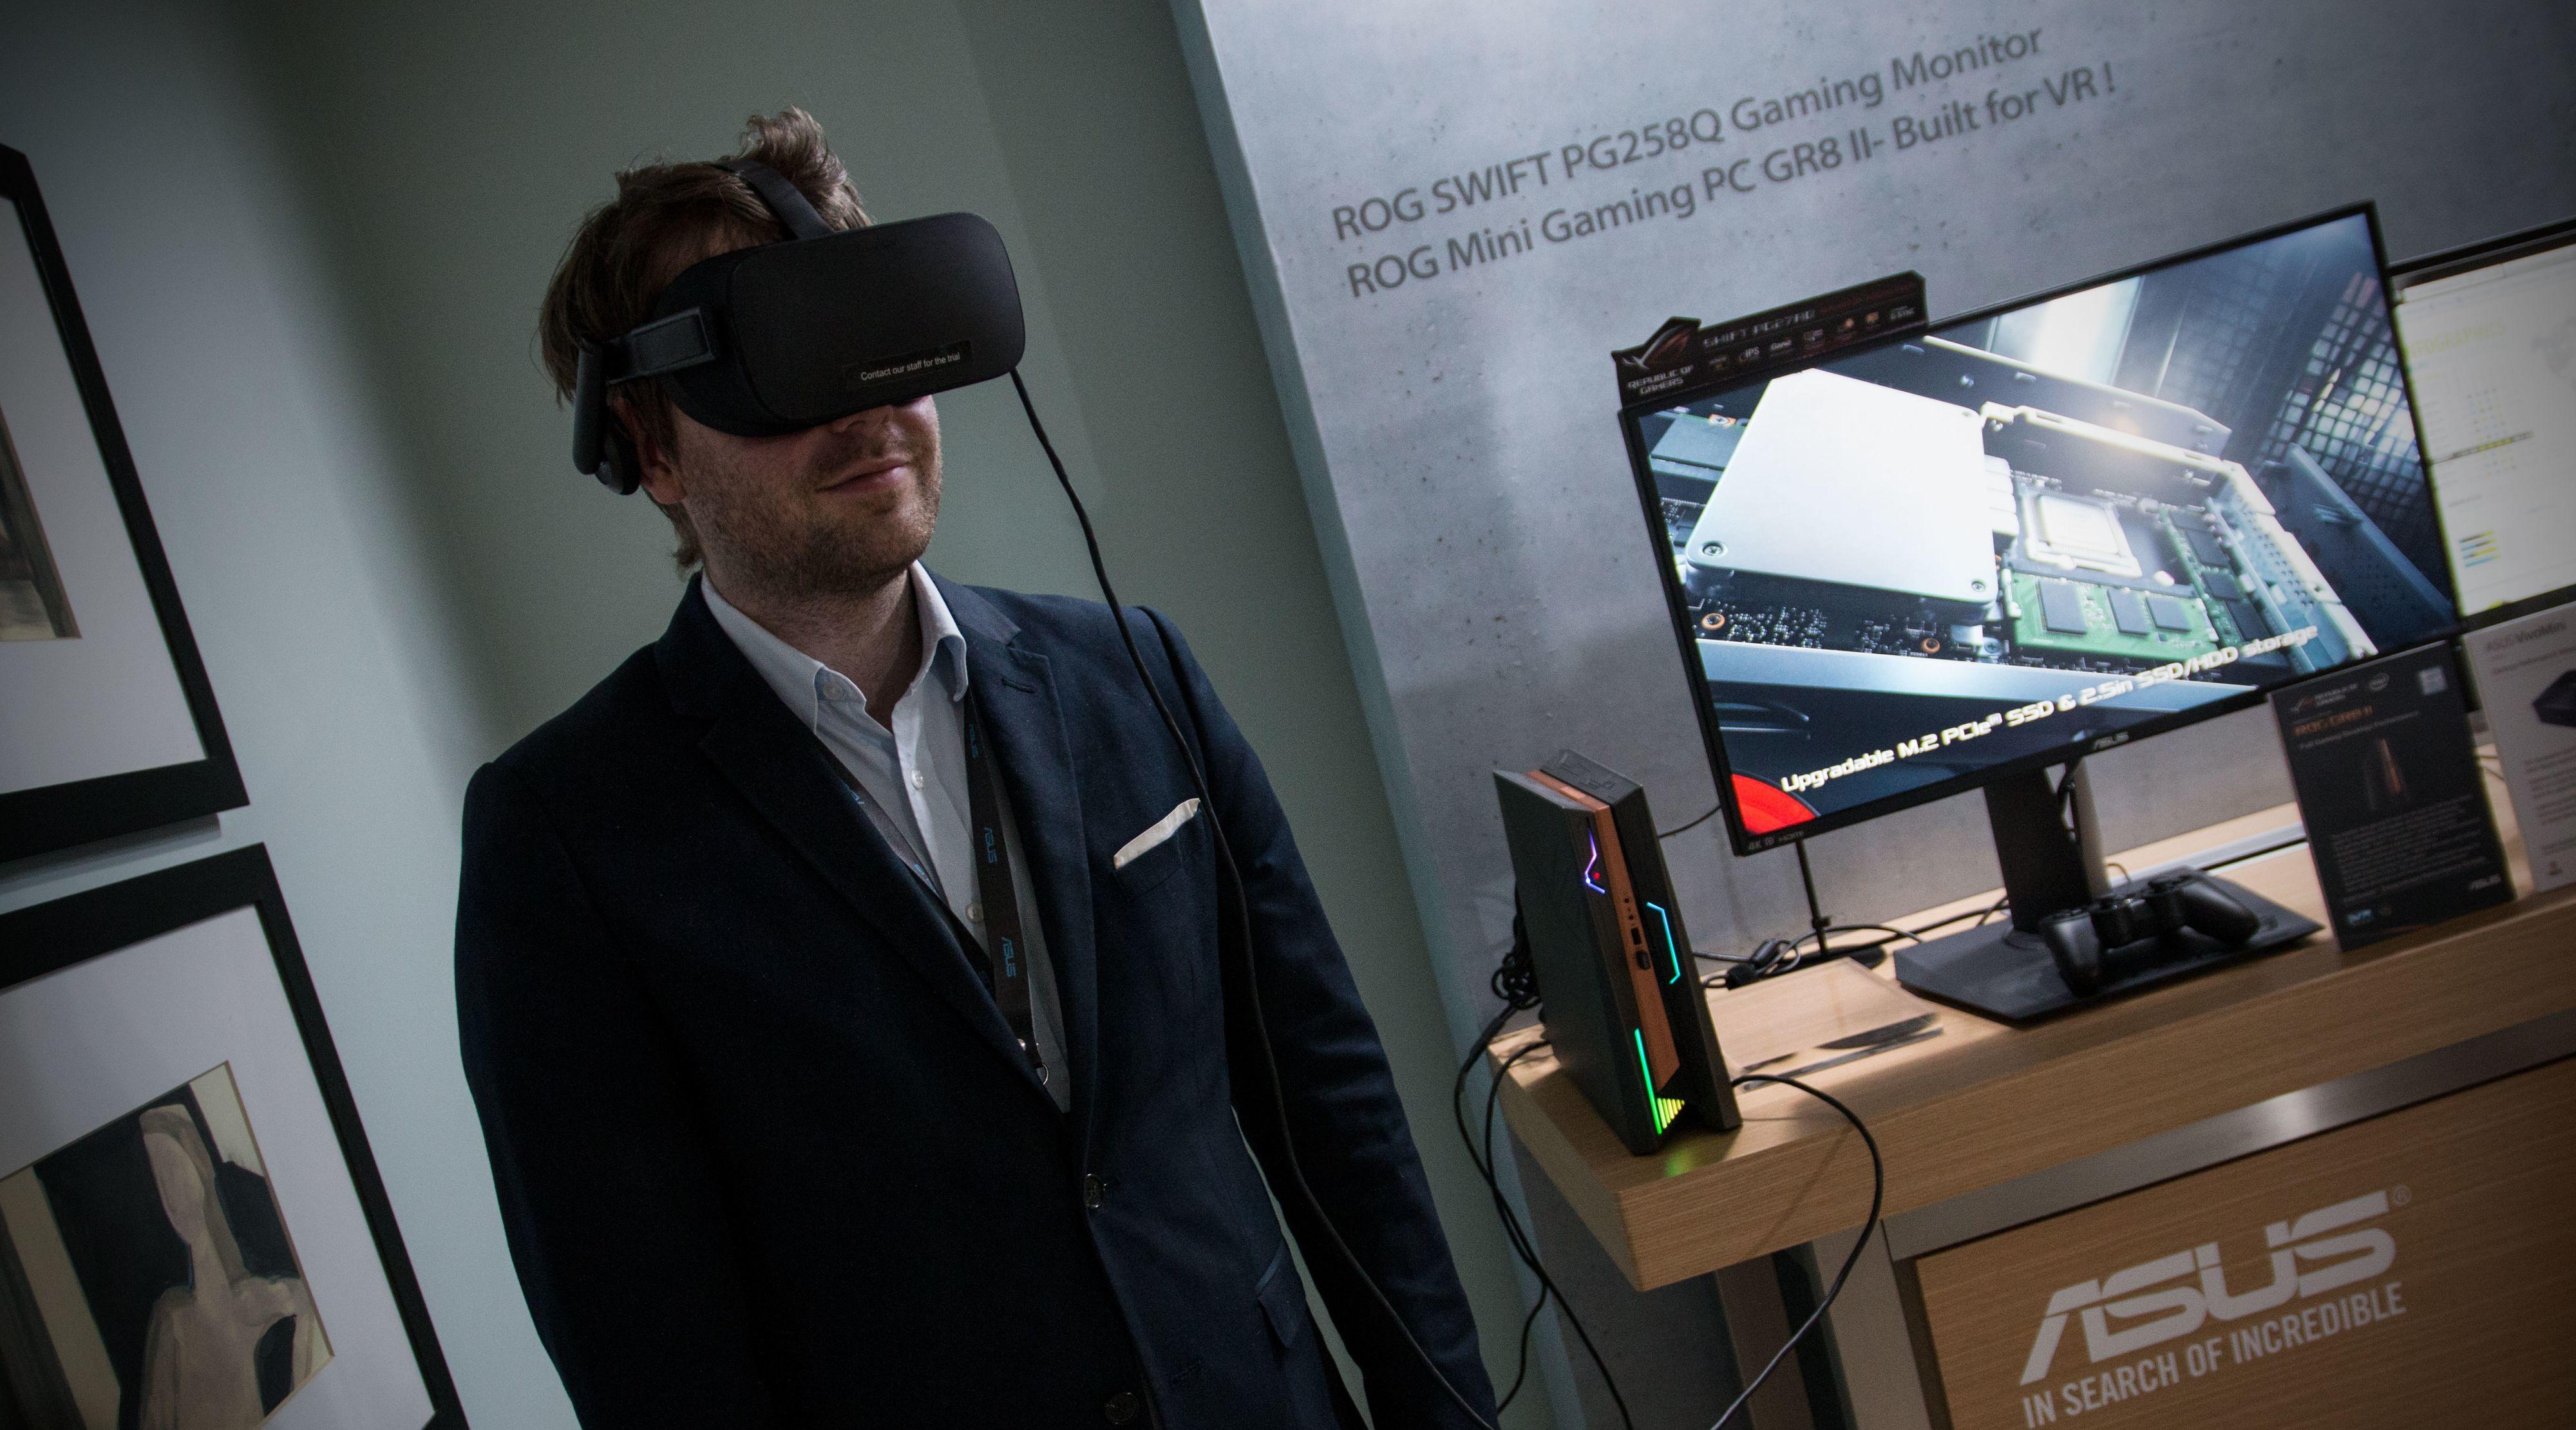 Vanligere: VR kan bli et vanligere innslag i norske stuer i 2017.